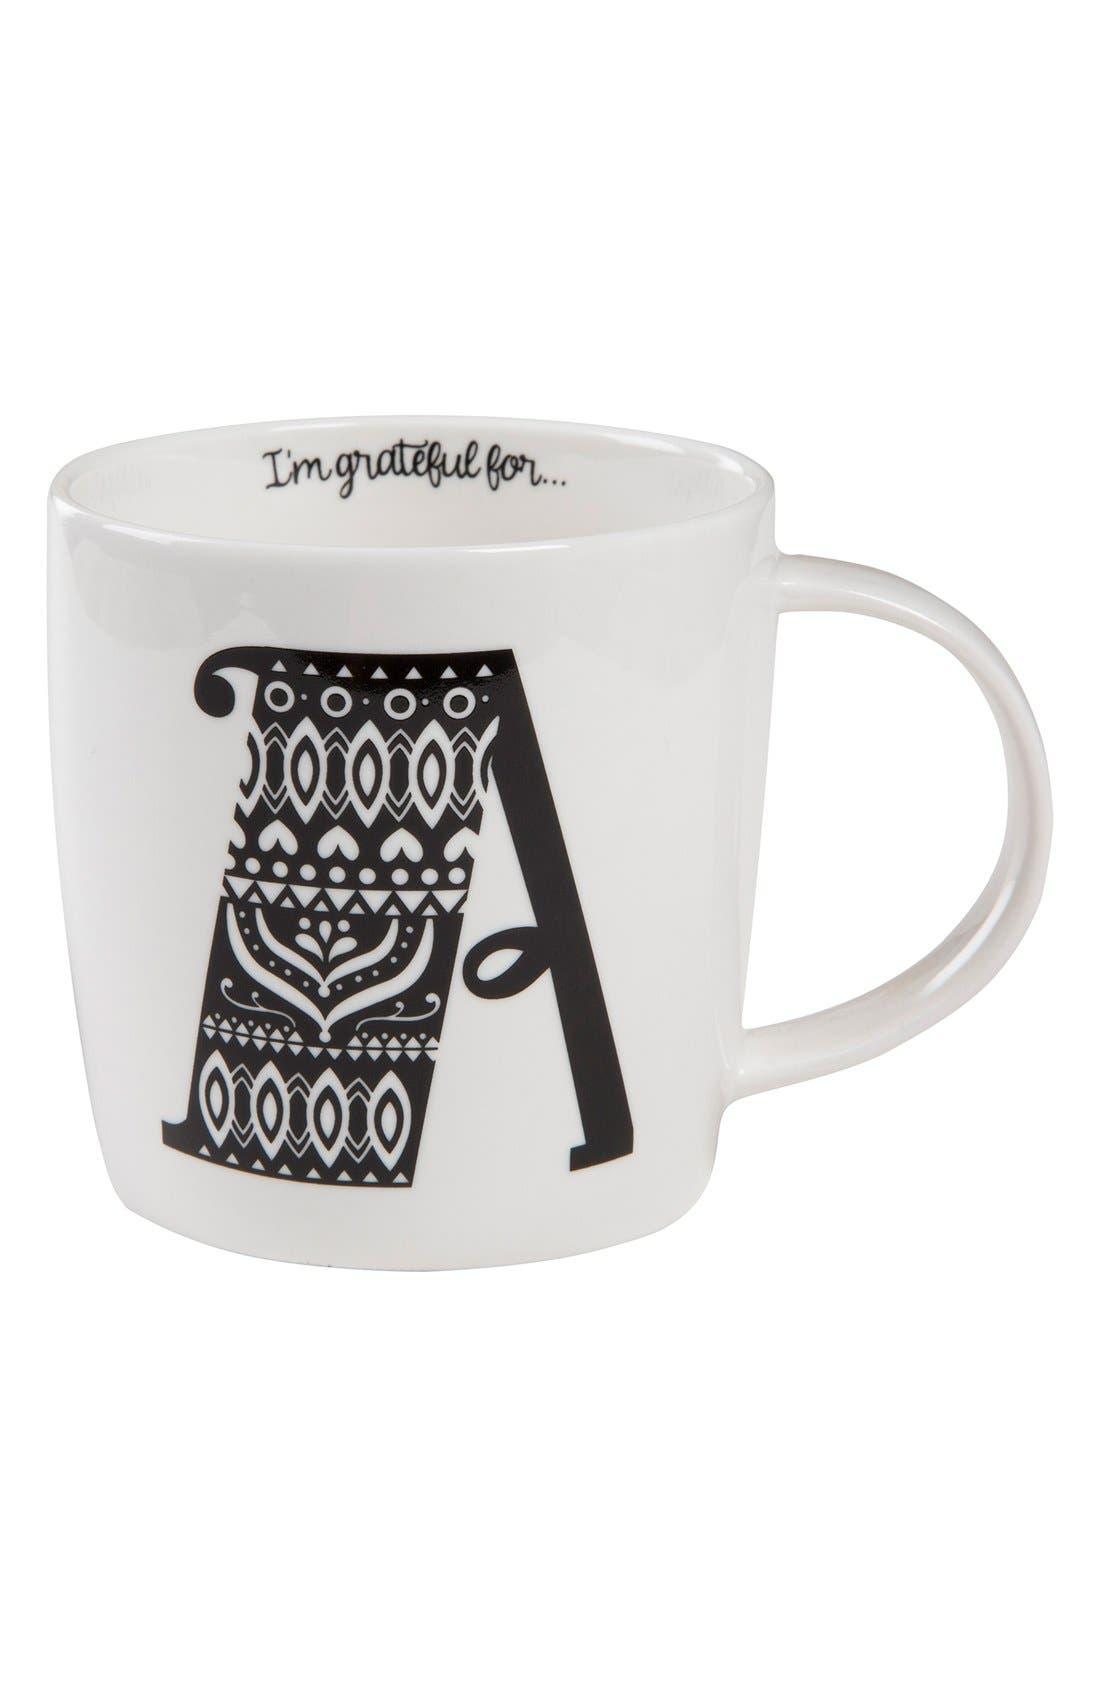 Initial Ceramic Mug,                             Main thumbnail 1, color,                             100